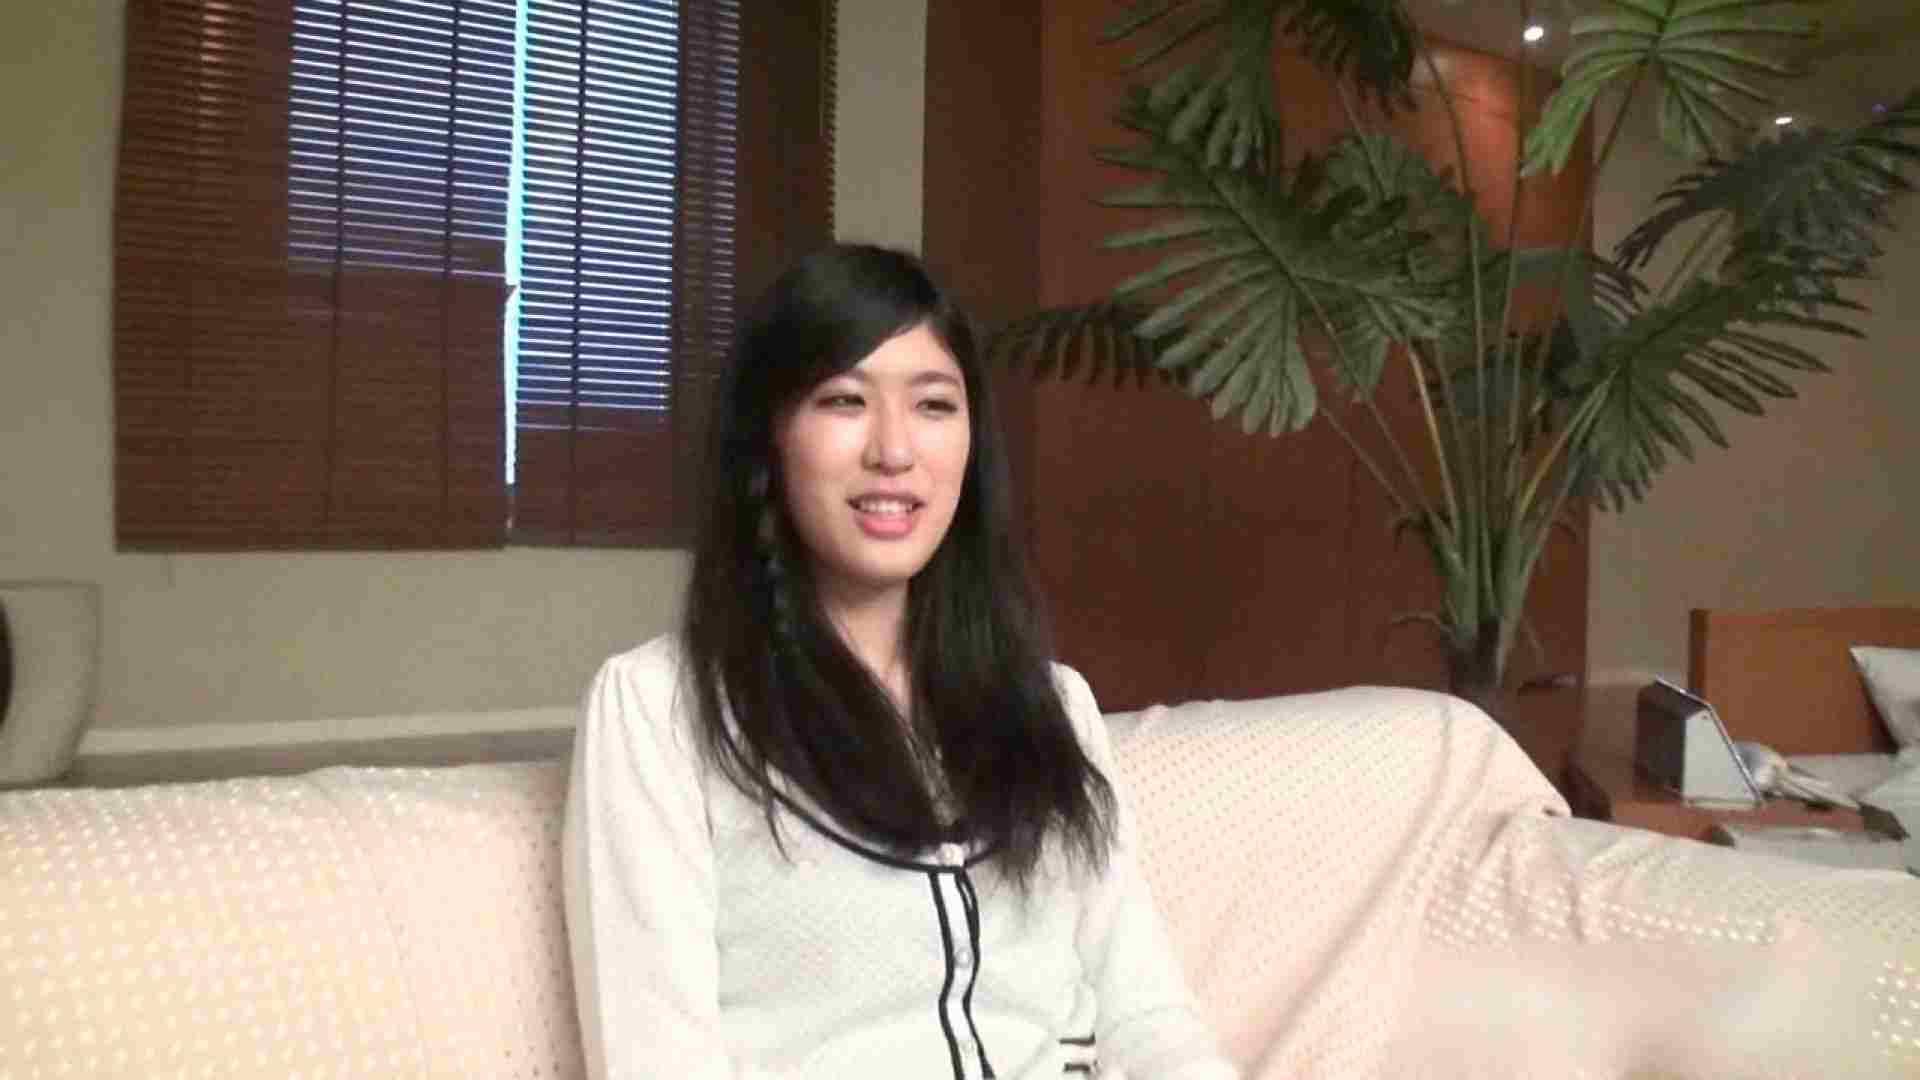 ギャルエロ娘の反乱 Vol.17 前編 流出作品 AV無料動画キャプチャ 90枚 14